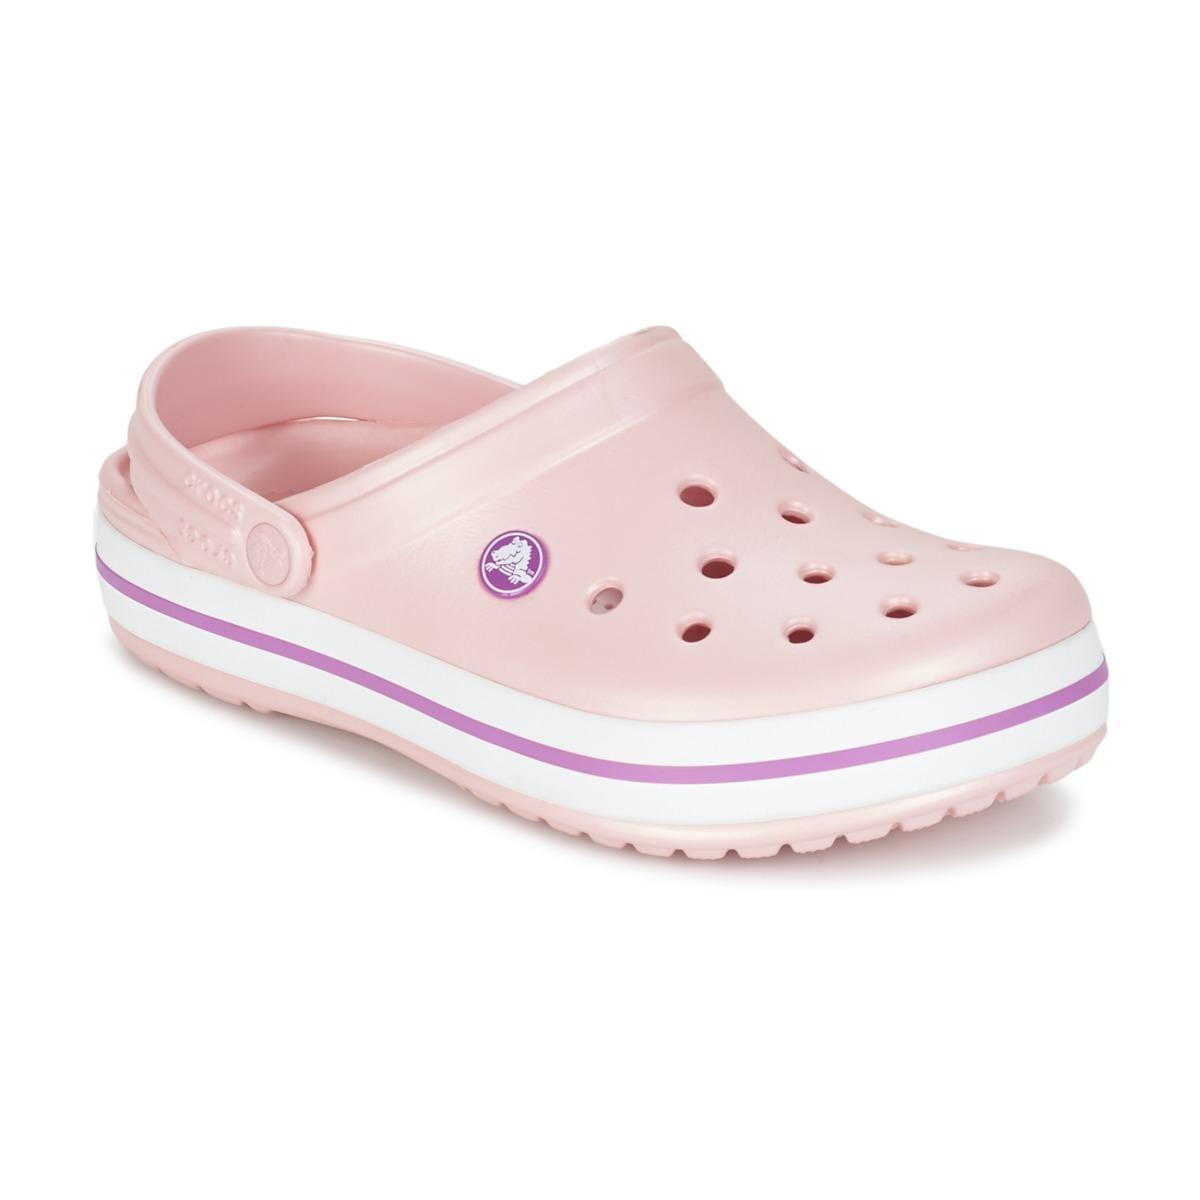 Crocs CROCBAND Rose - Kostenloser Versand bei Spartoode ! - Schuhe Pantoletten / Clogs Damen 36,00 €